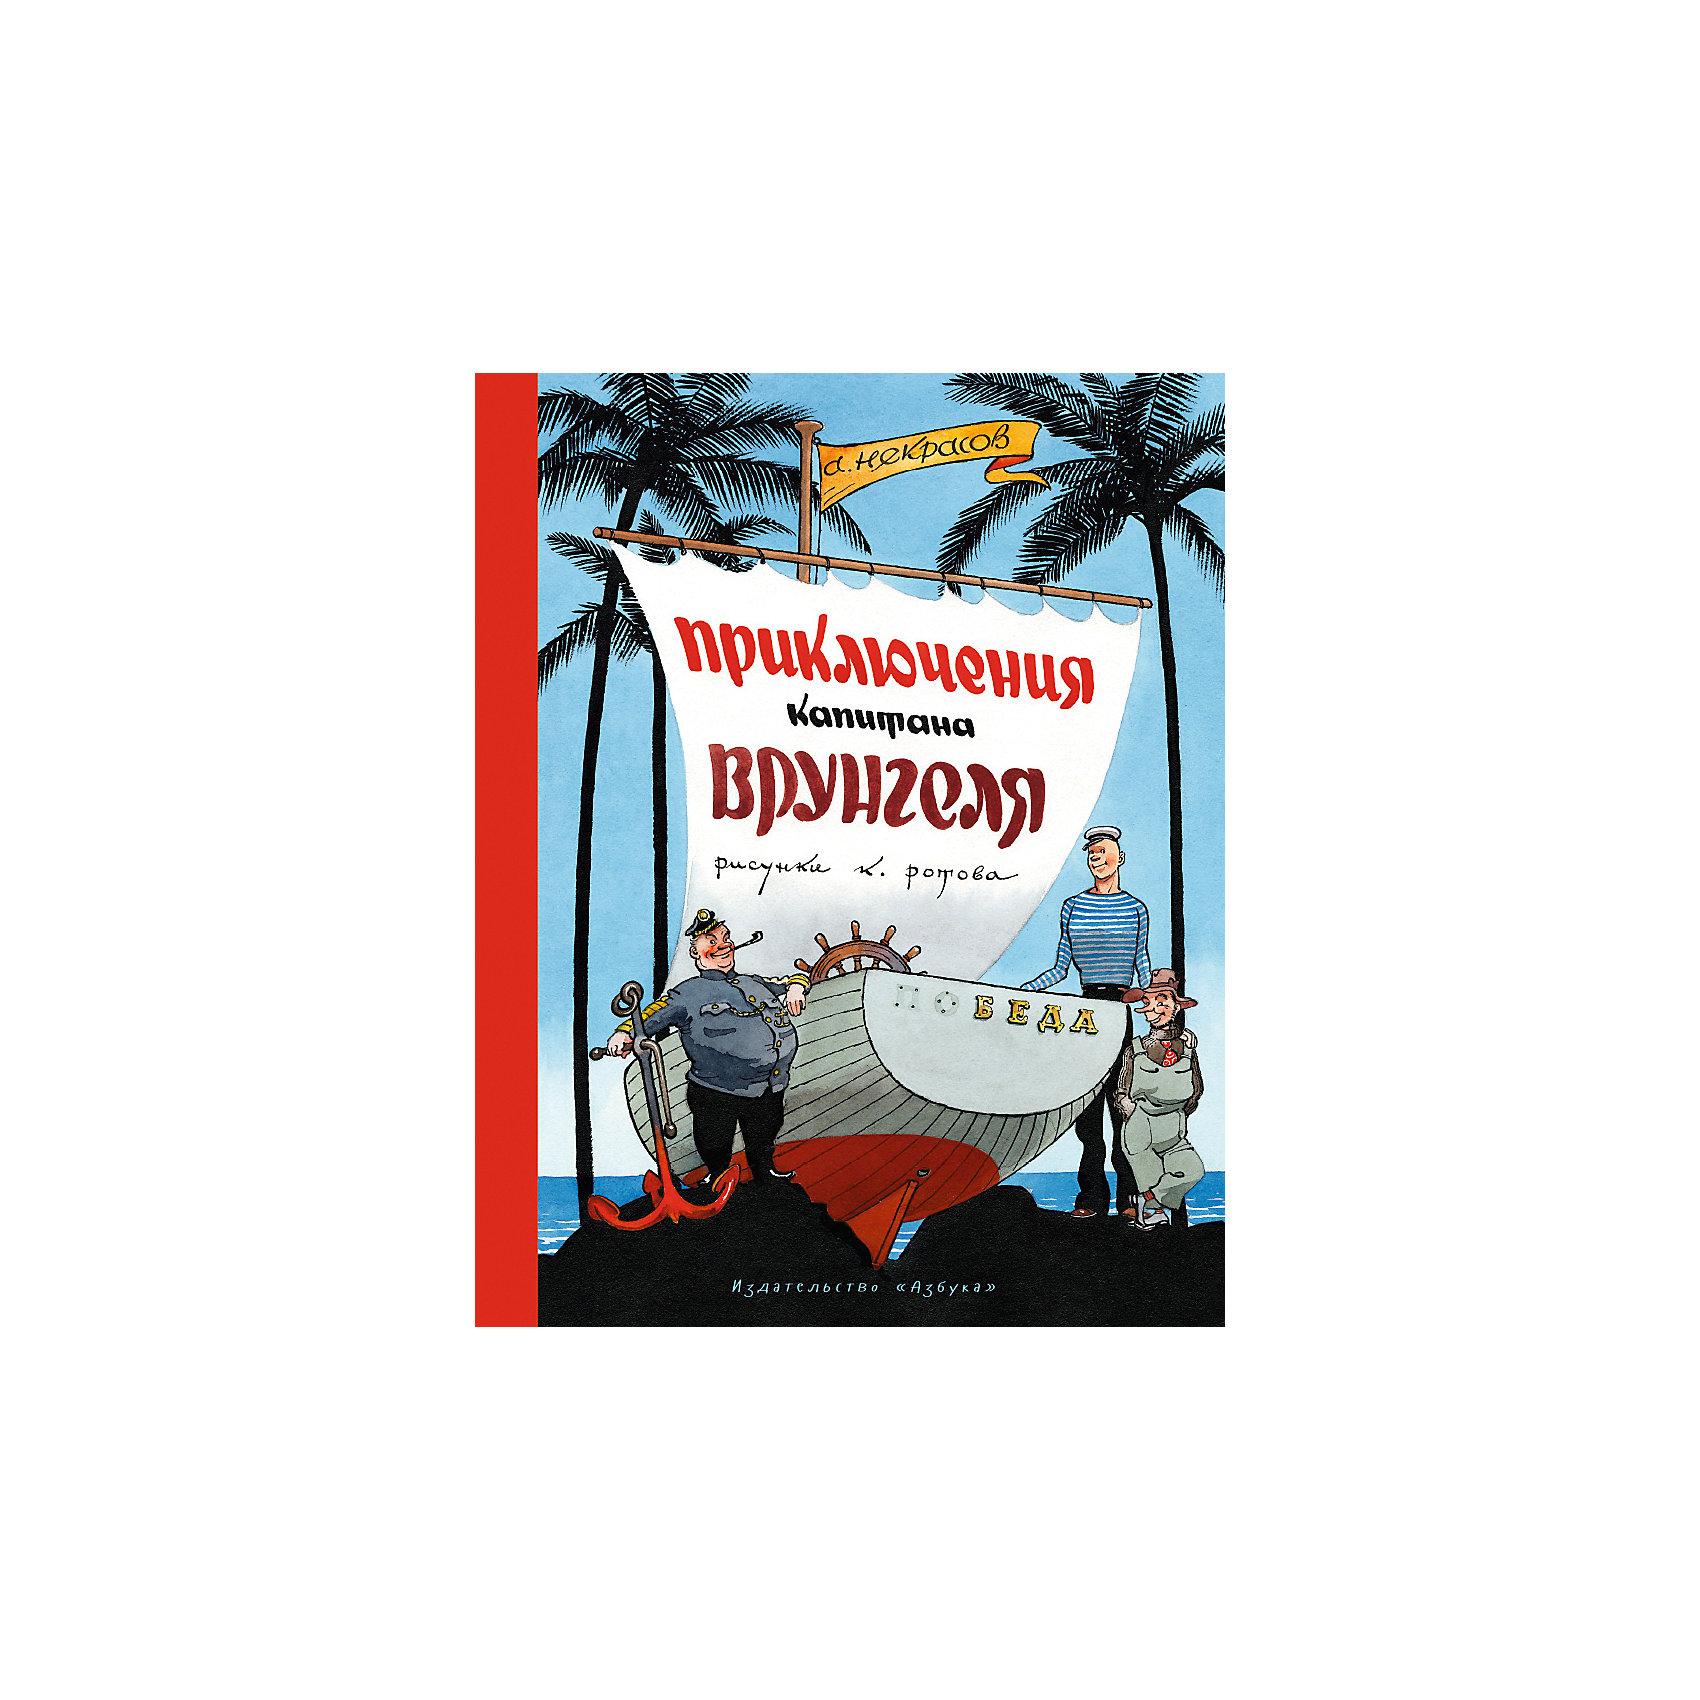 Махаон Приключения капитана Врунгеля, А. С. Некрасов cd аудиокнига некрасов а приключения капитана врунгеля 1mp3 dvd dj pack союз